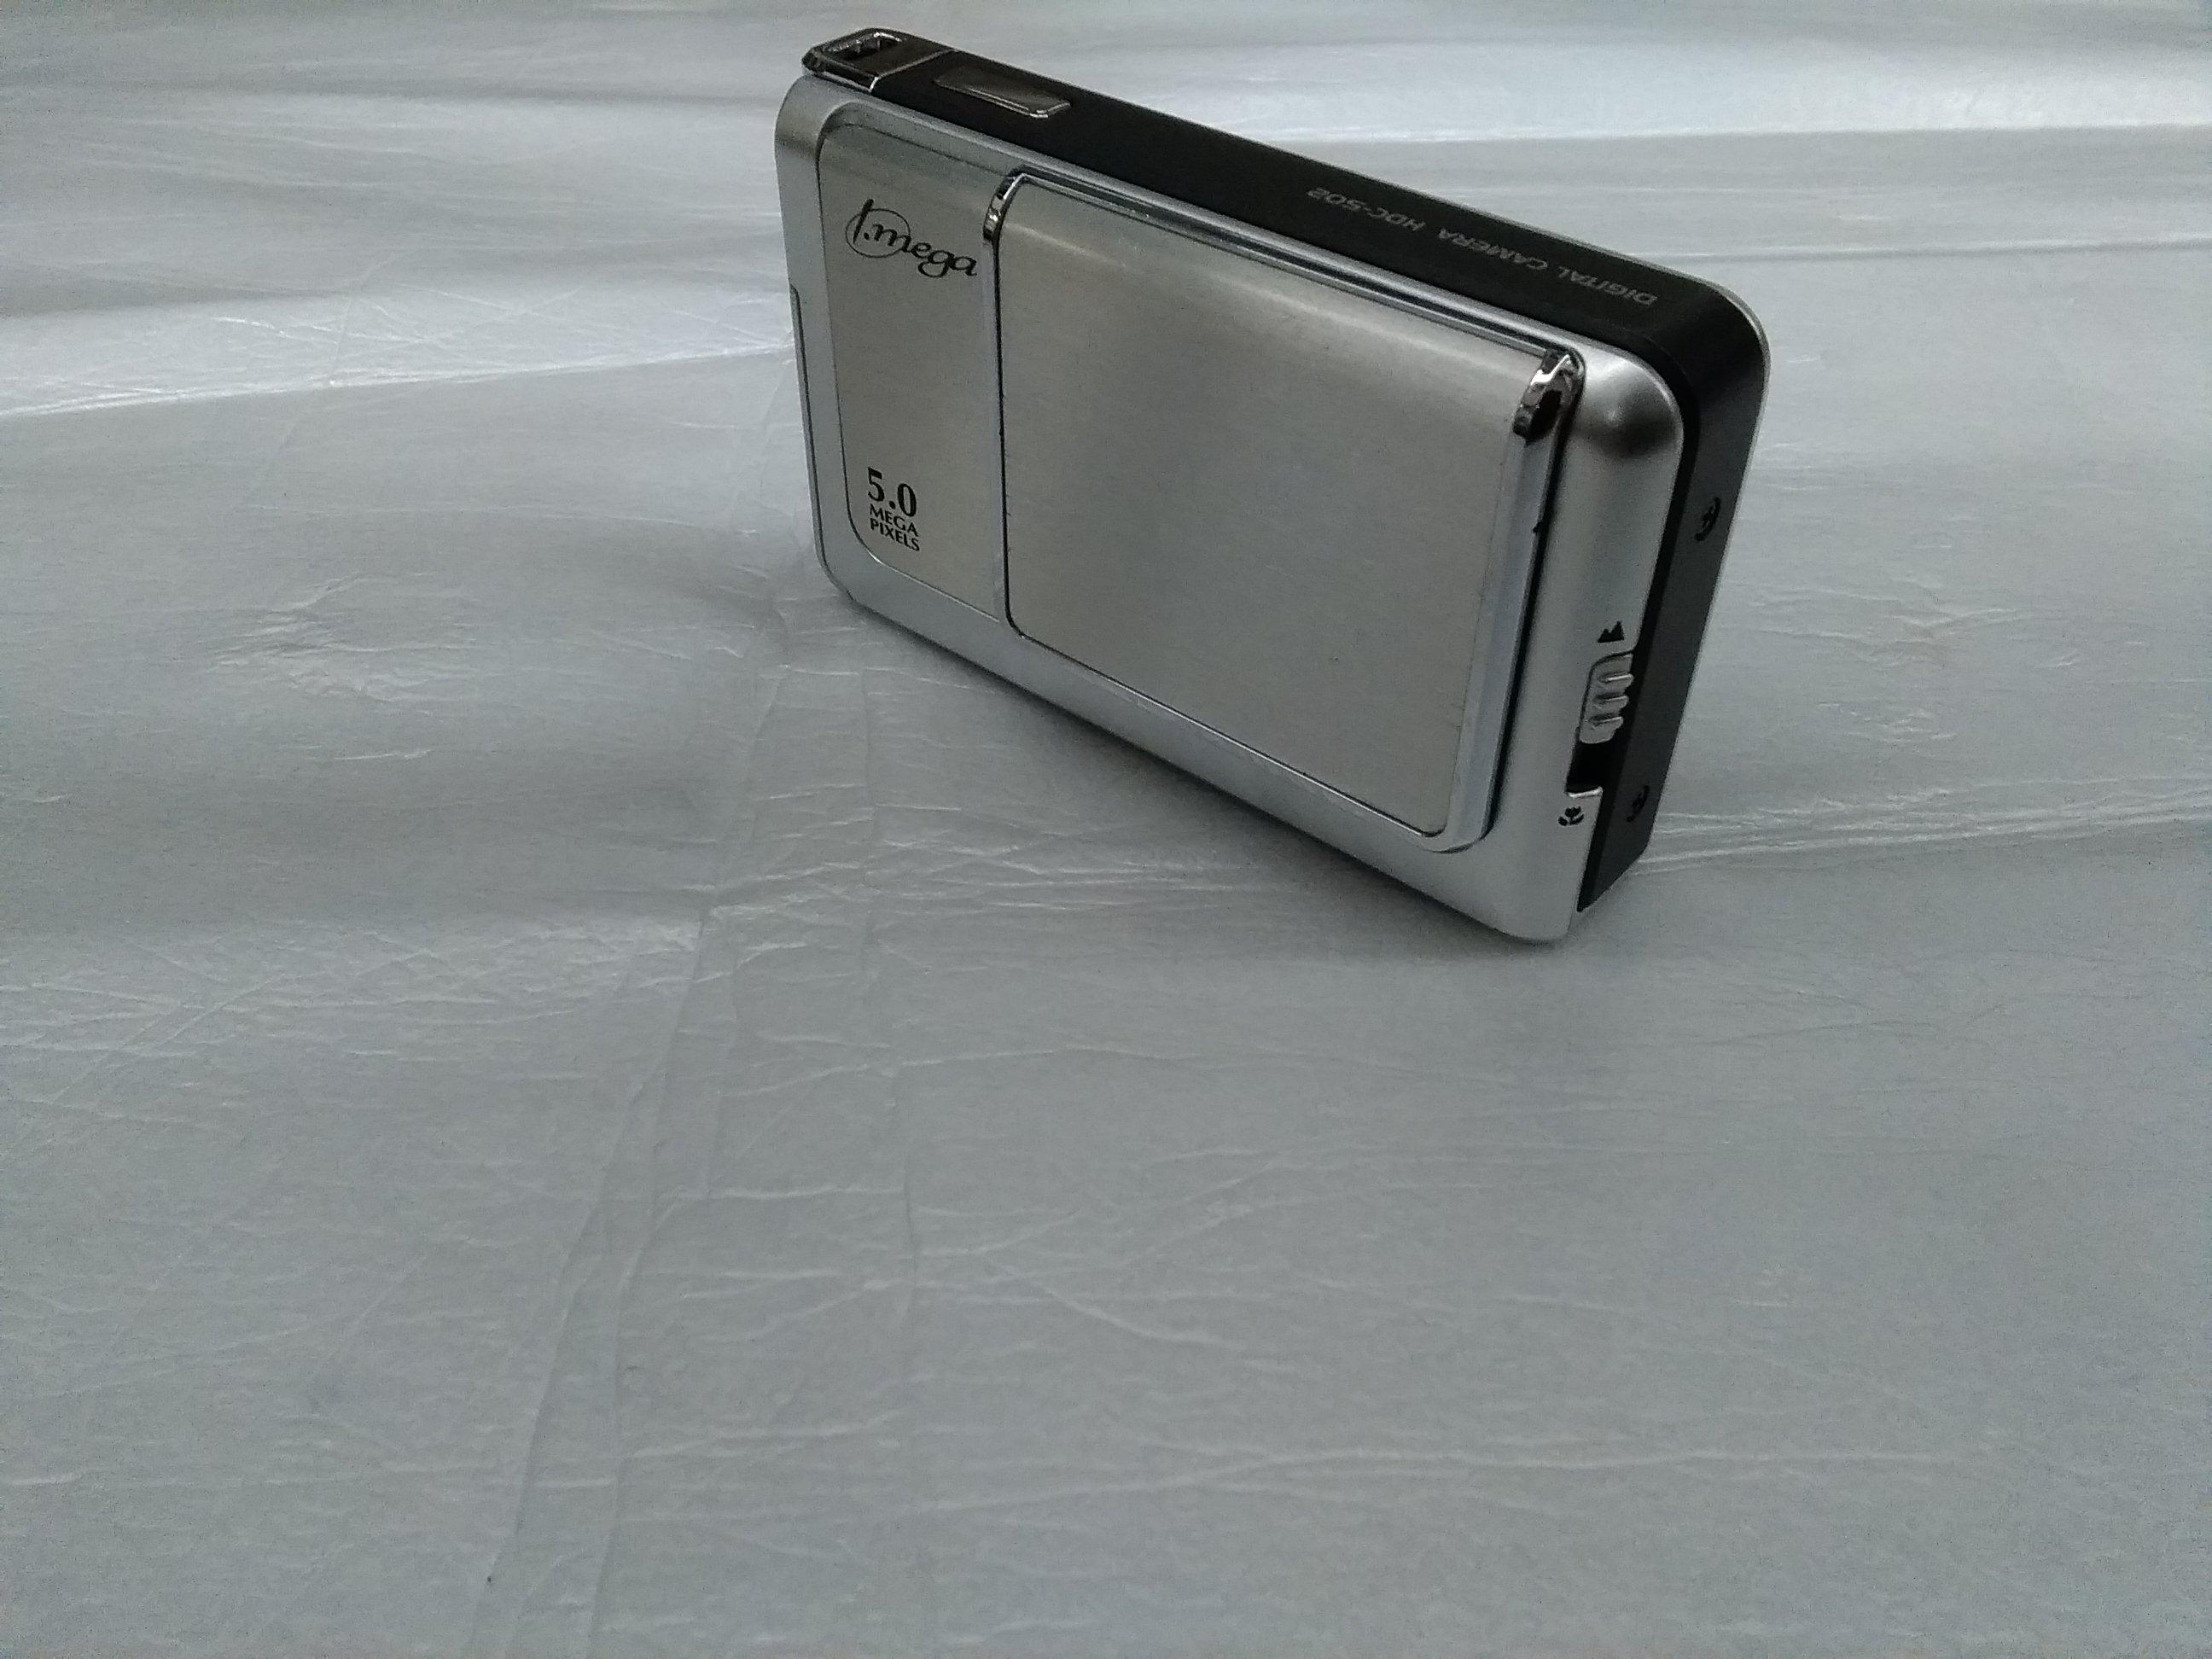 コンパクトデジタルカメラ|HITACHI